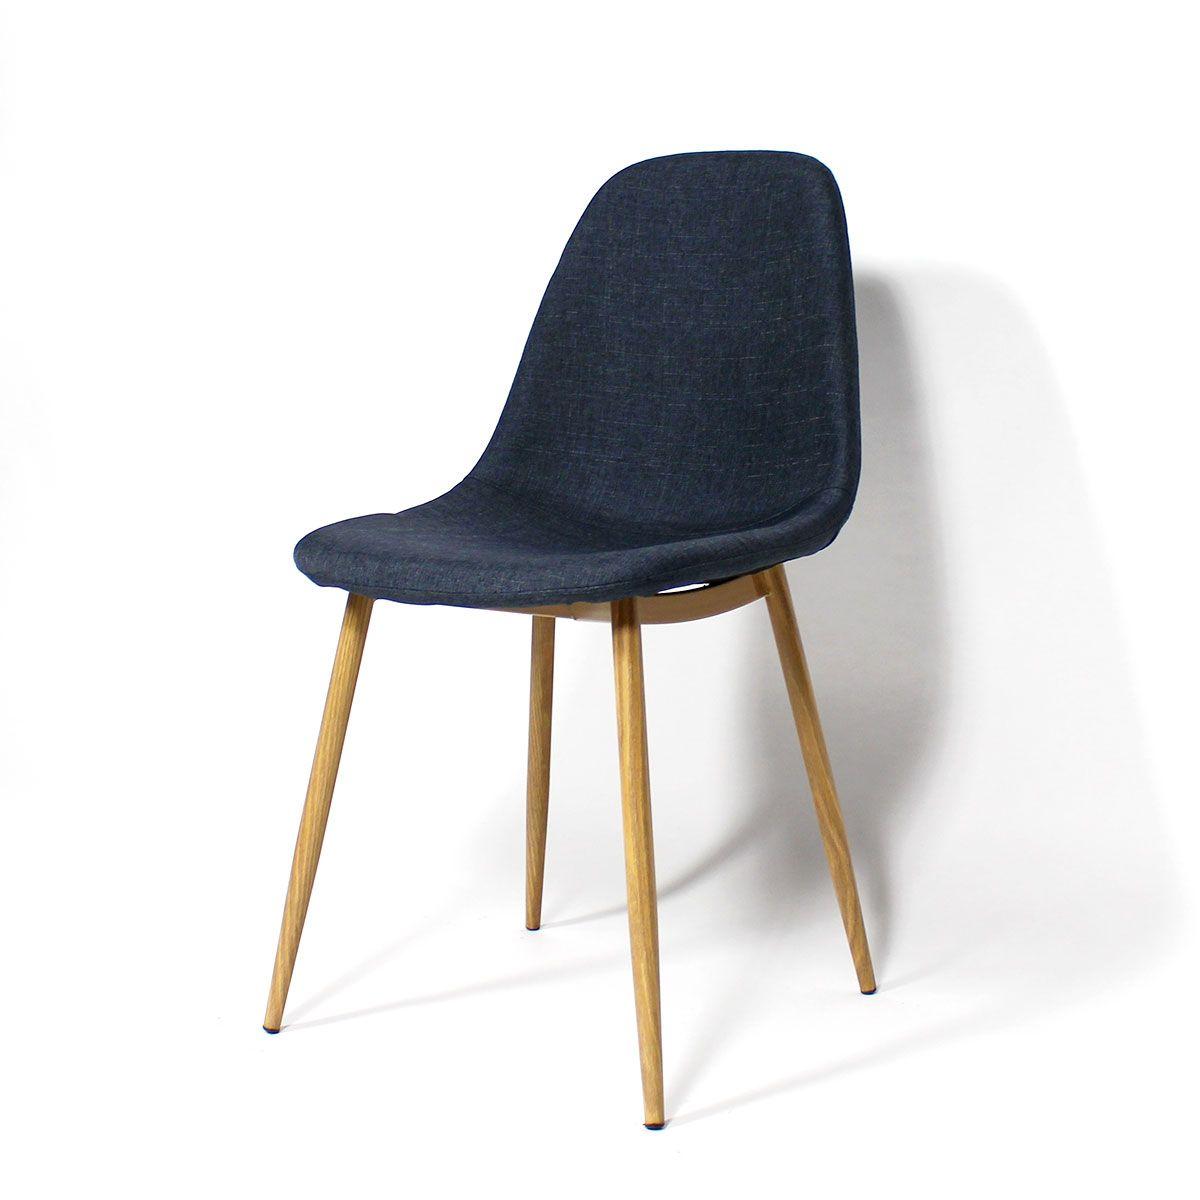 Cette Chaise Aux Allures Scandinaves Va Vous Faire Craquer Son Design Tout En Simplicite Rythmera Votre Decoration Et Chaise Scandinave Chaise Chaises Bois